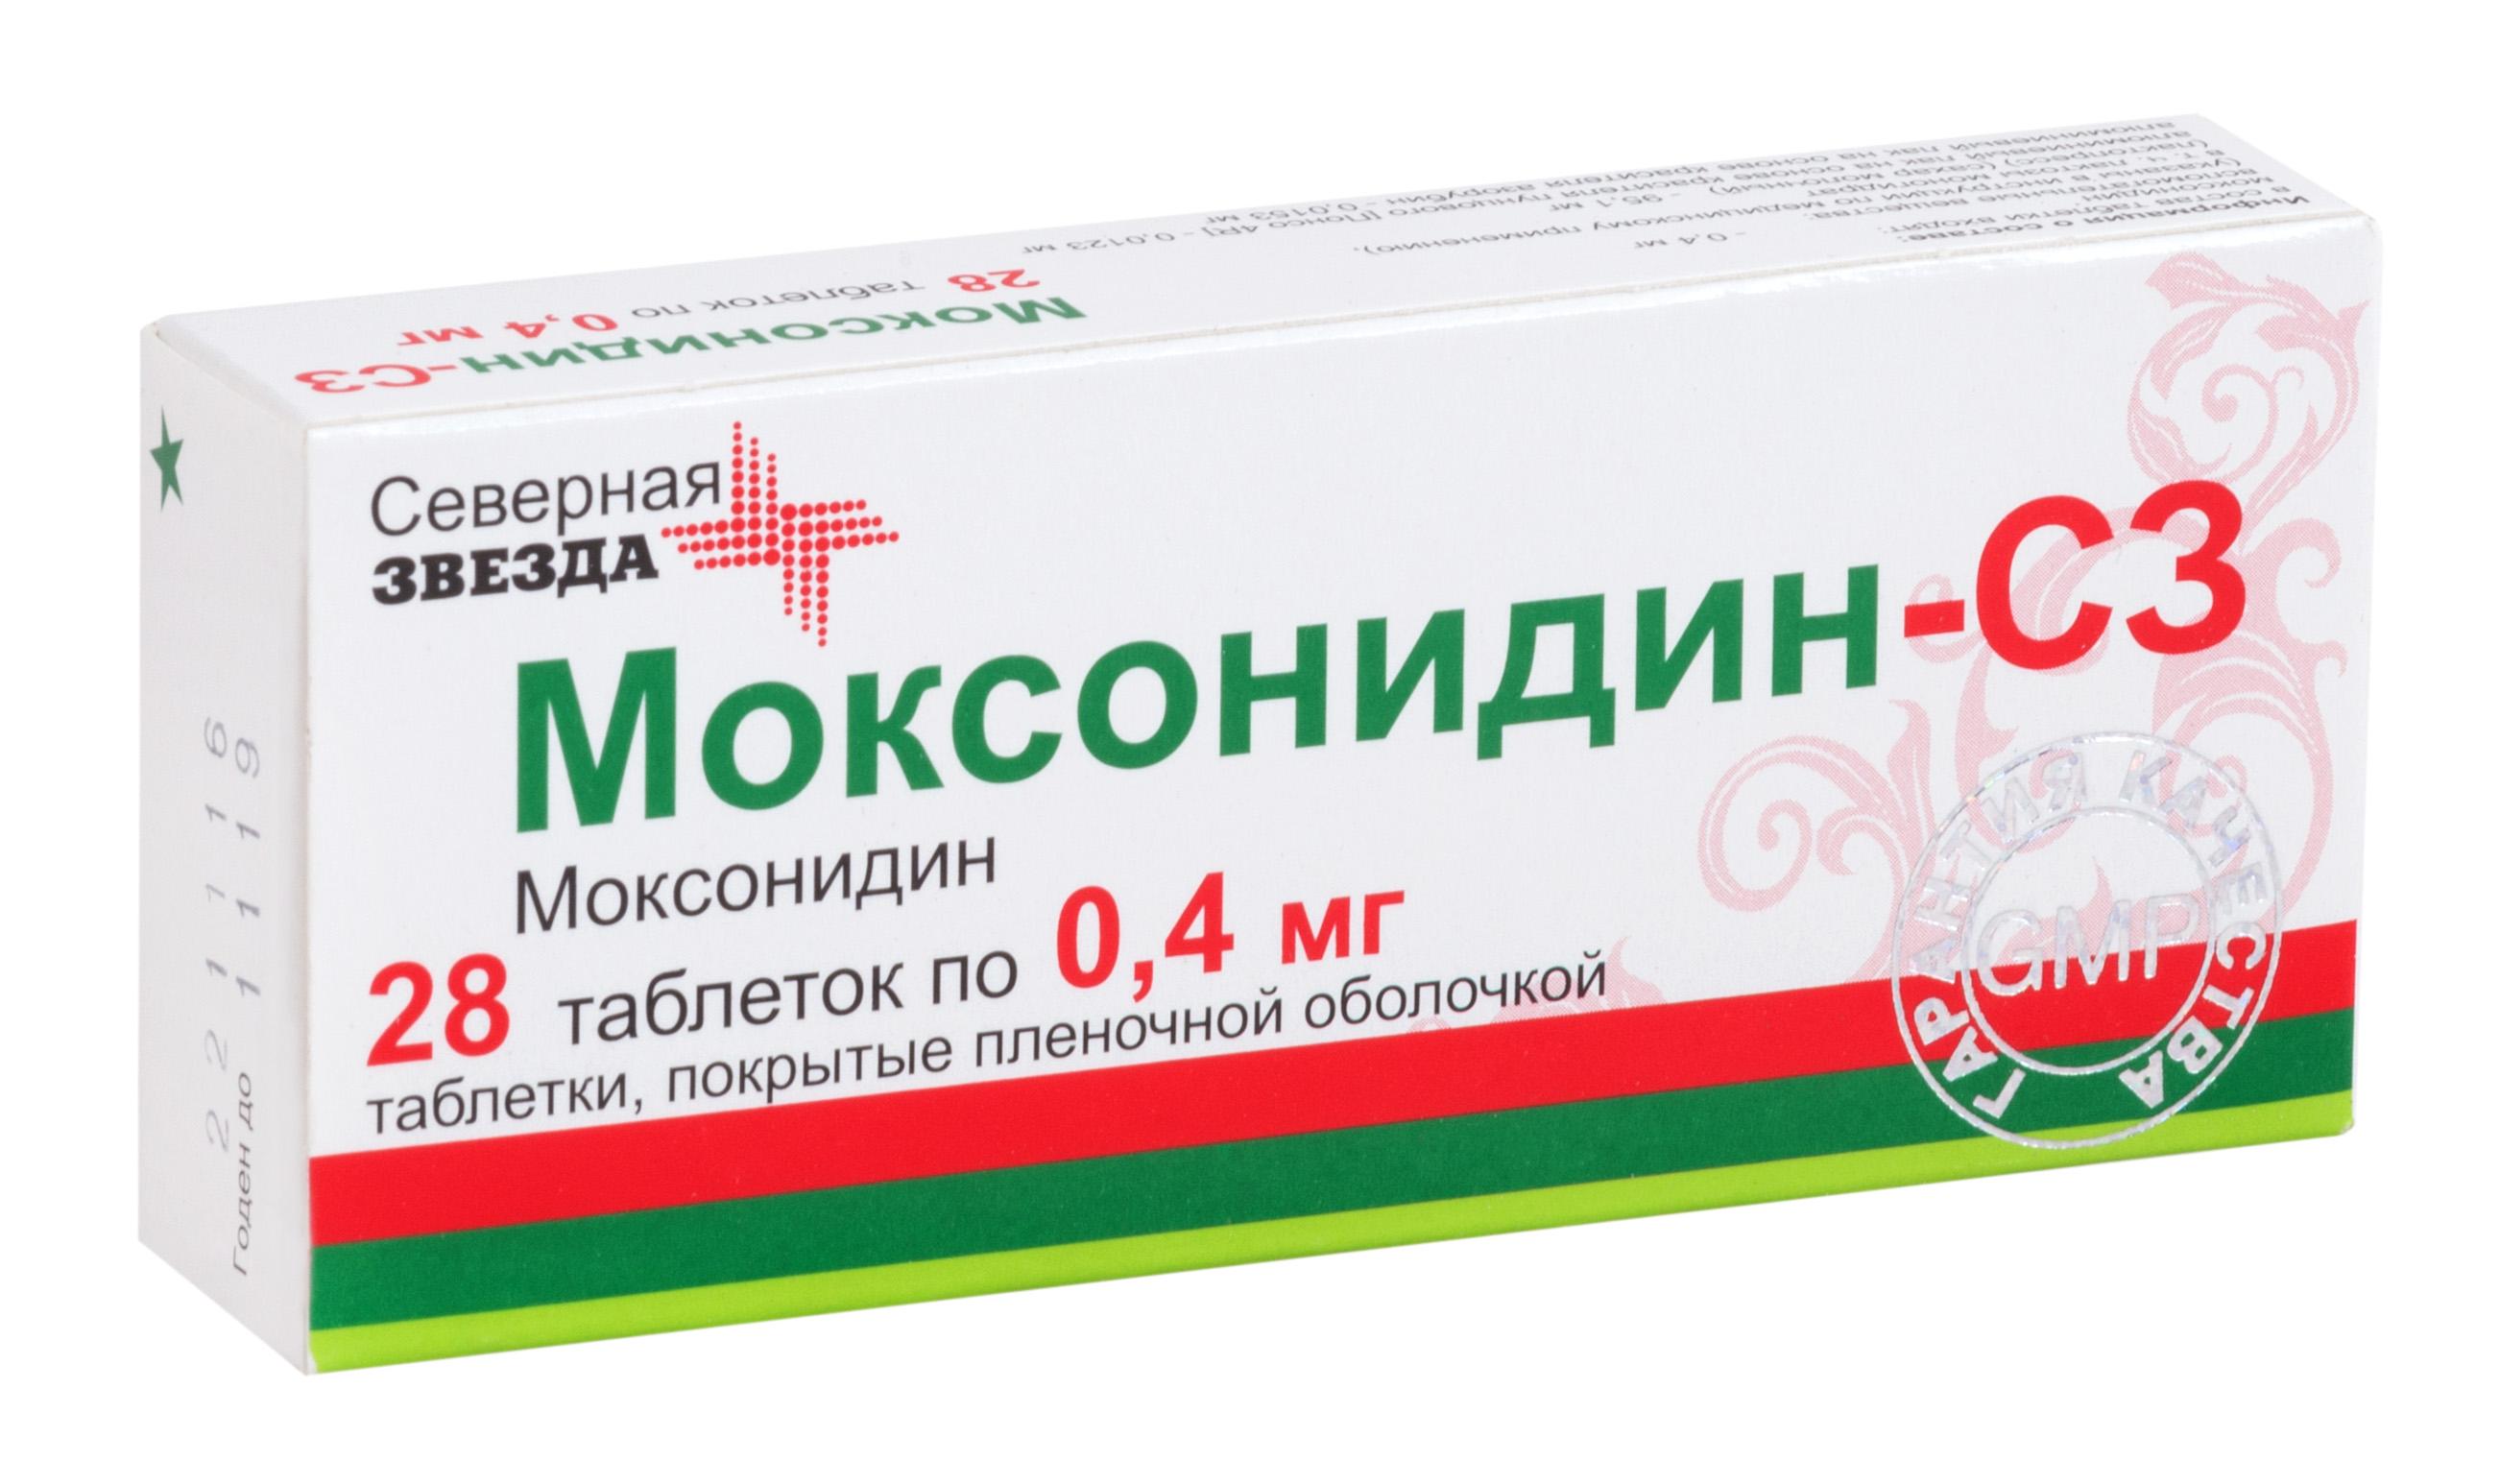 Моксонидин-СЗ табл. п.п.о. 0,4 мг №28